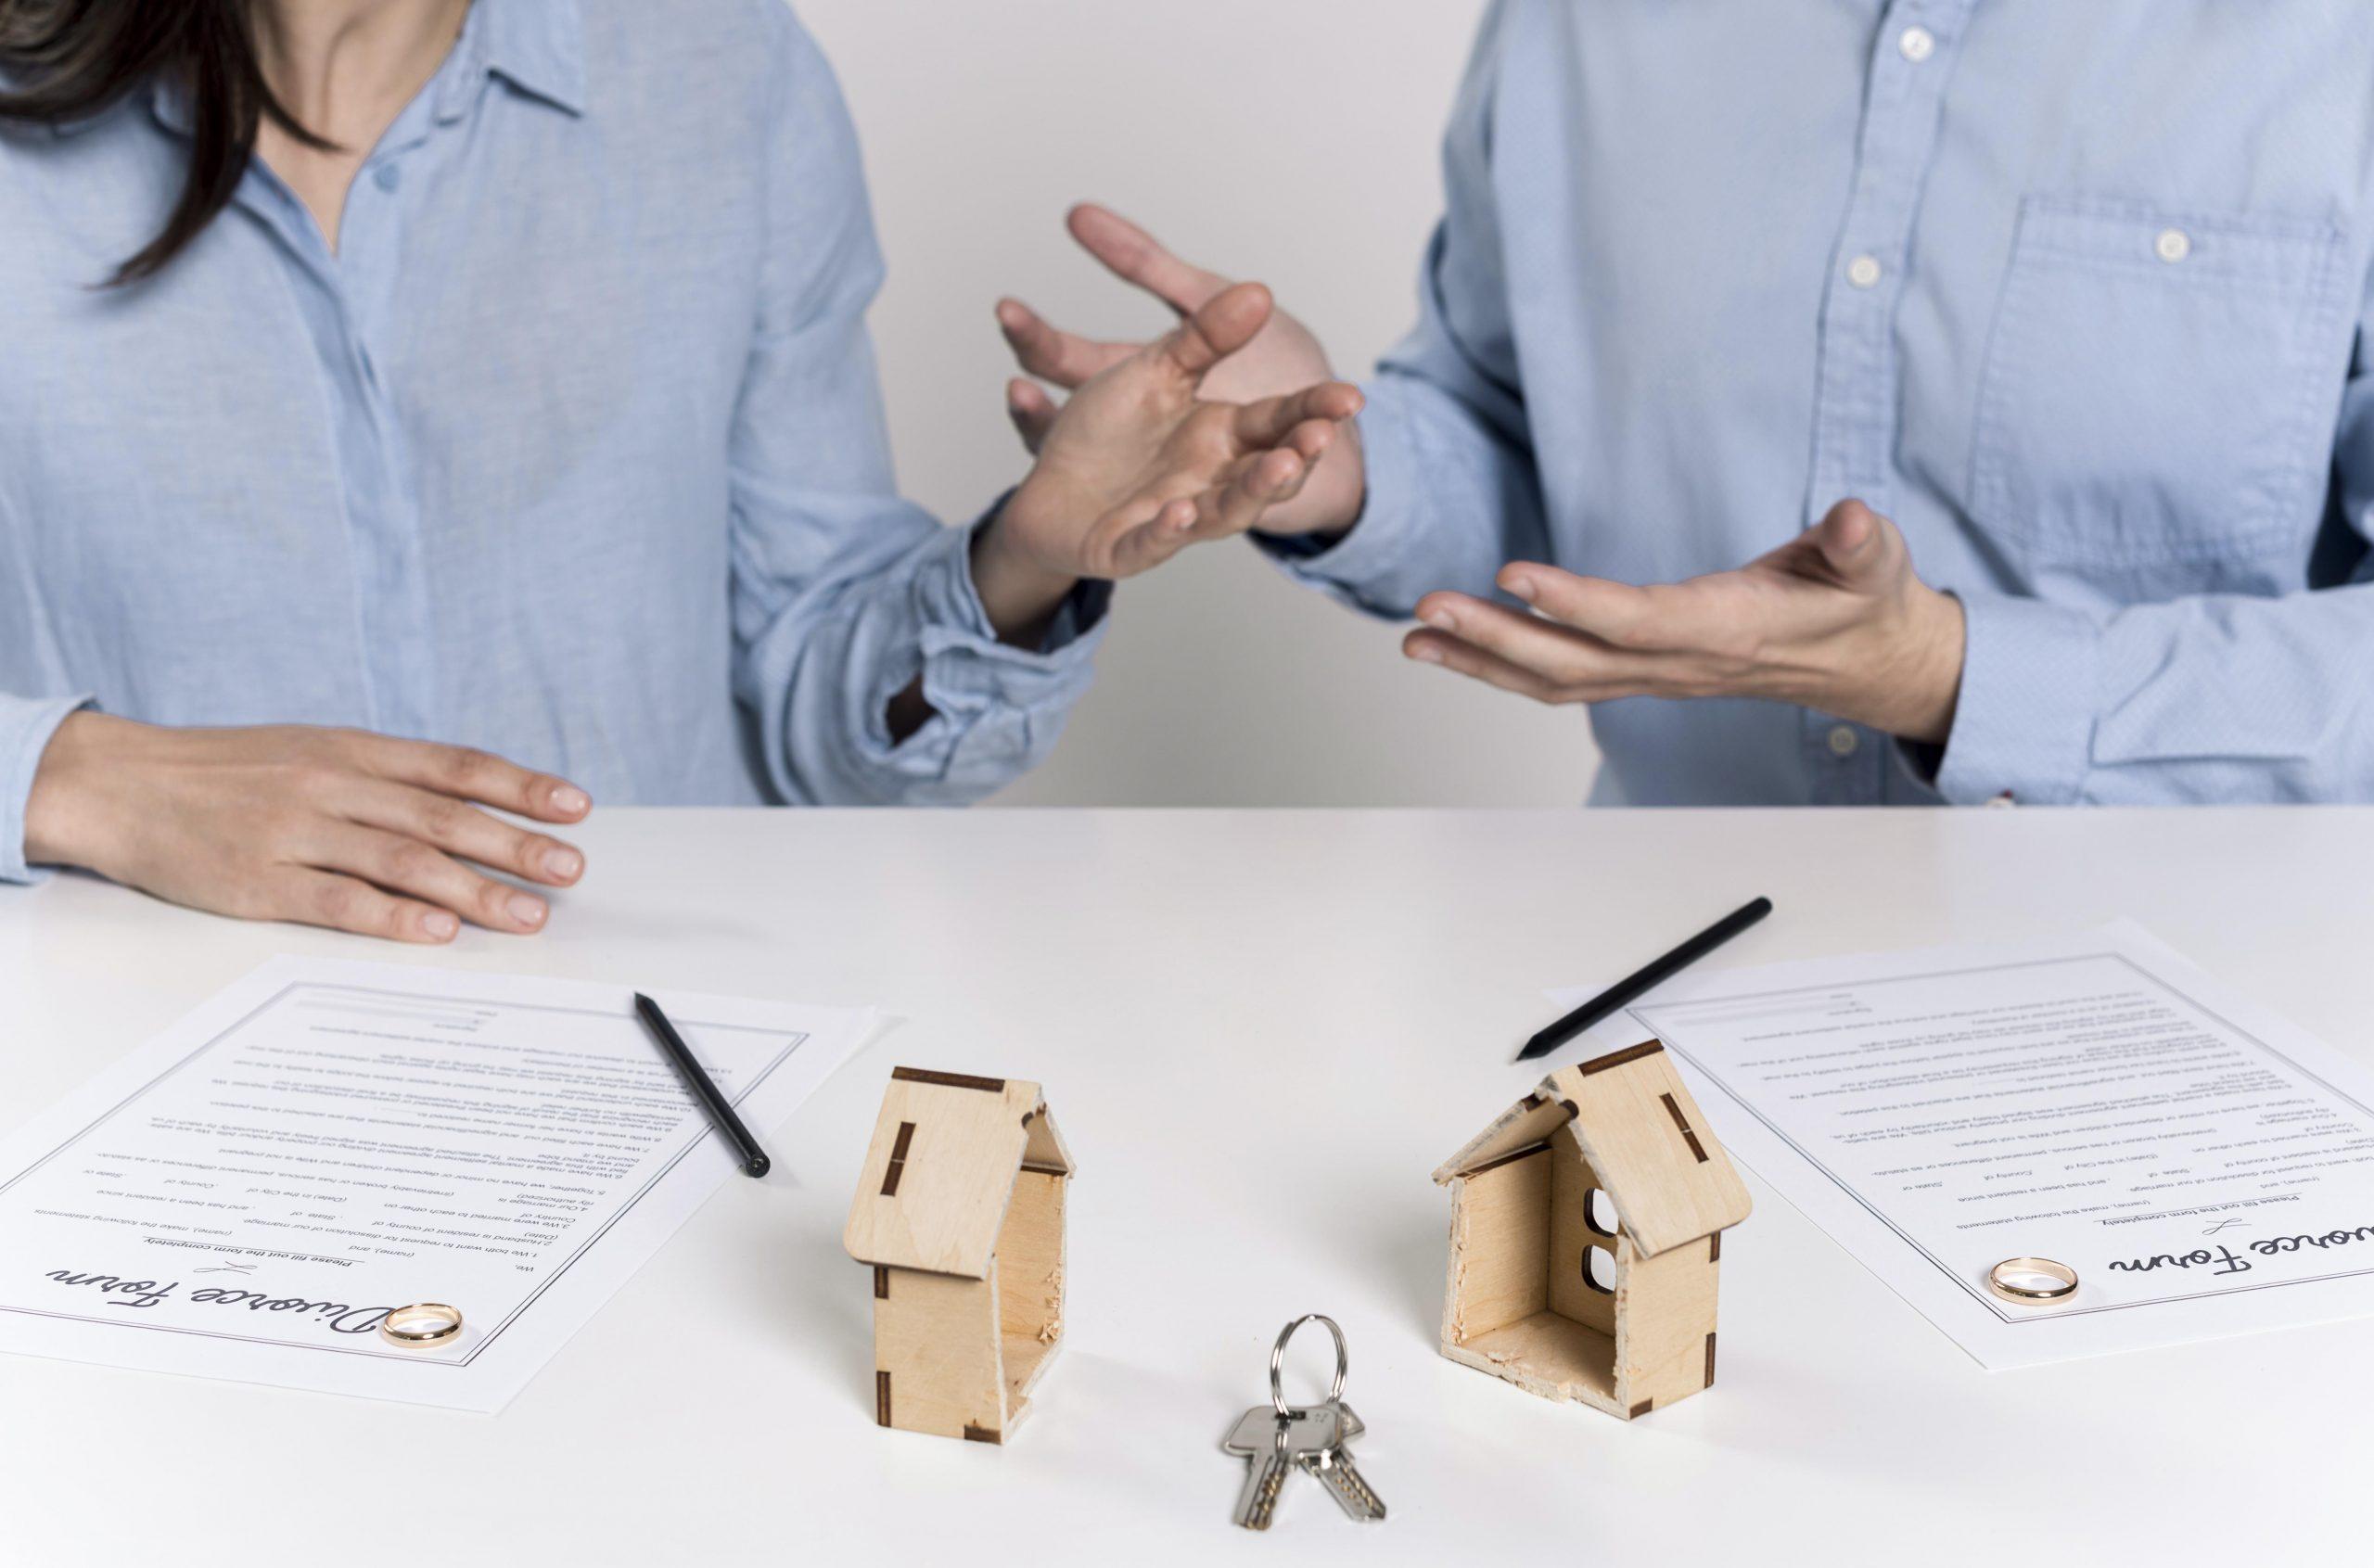 מומחיות בדיני משפחה היא קריטית להצלחת הליך גירושין